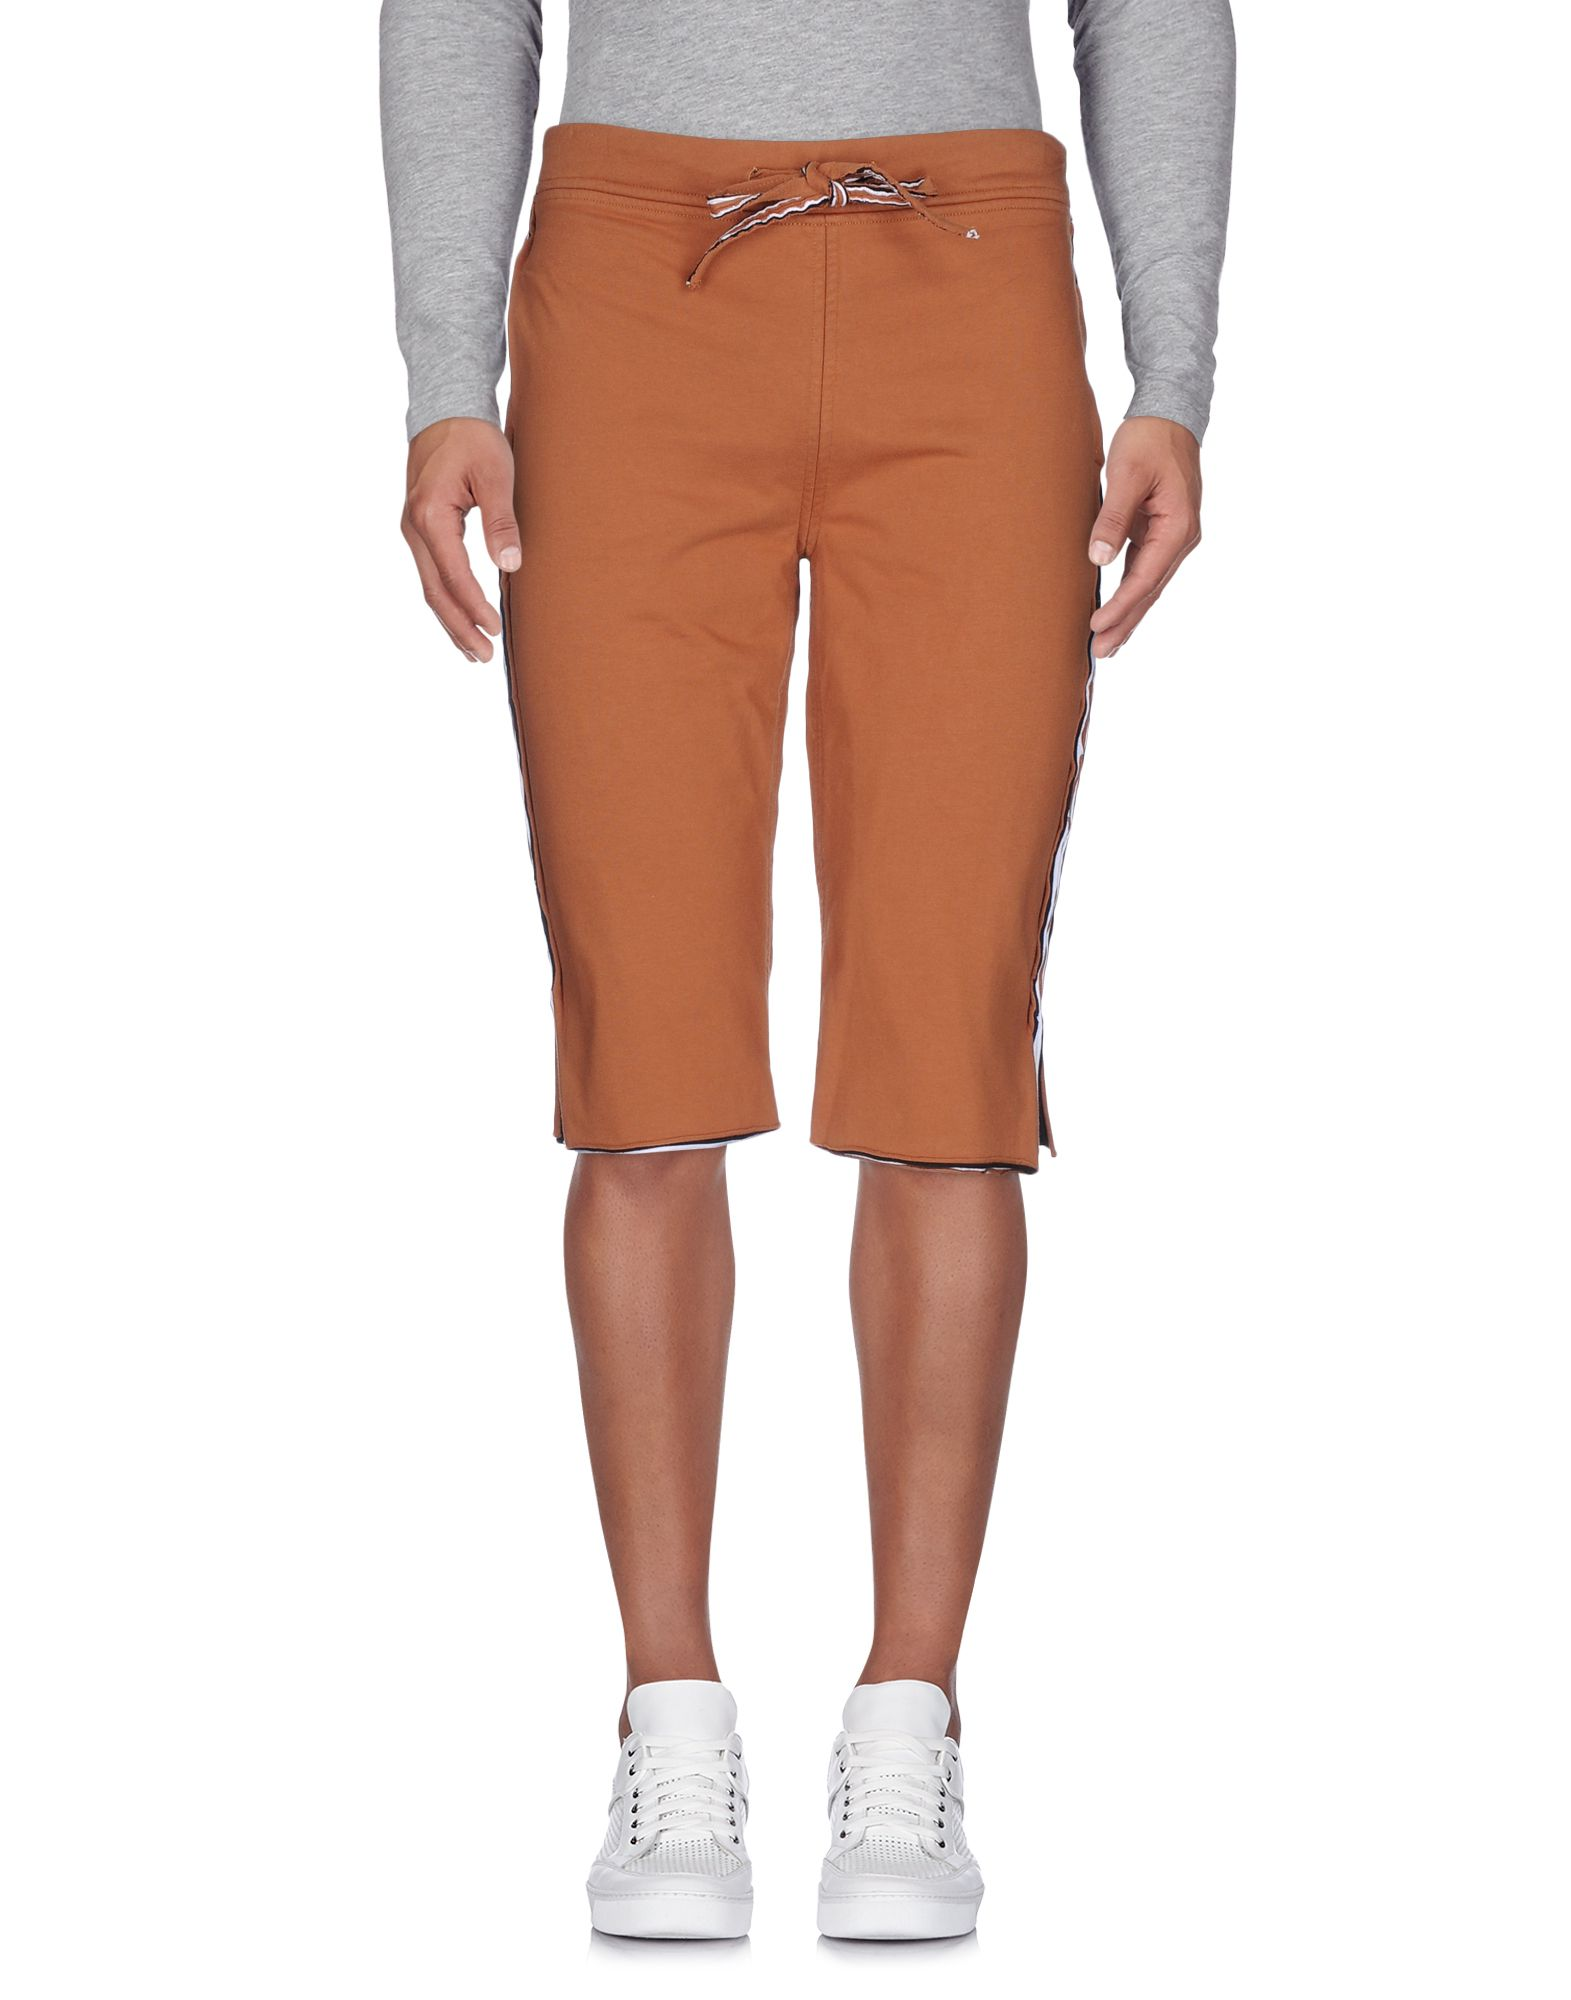 Pantalone Felpa Telfar Uomo - Acquista online su